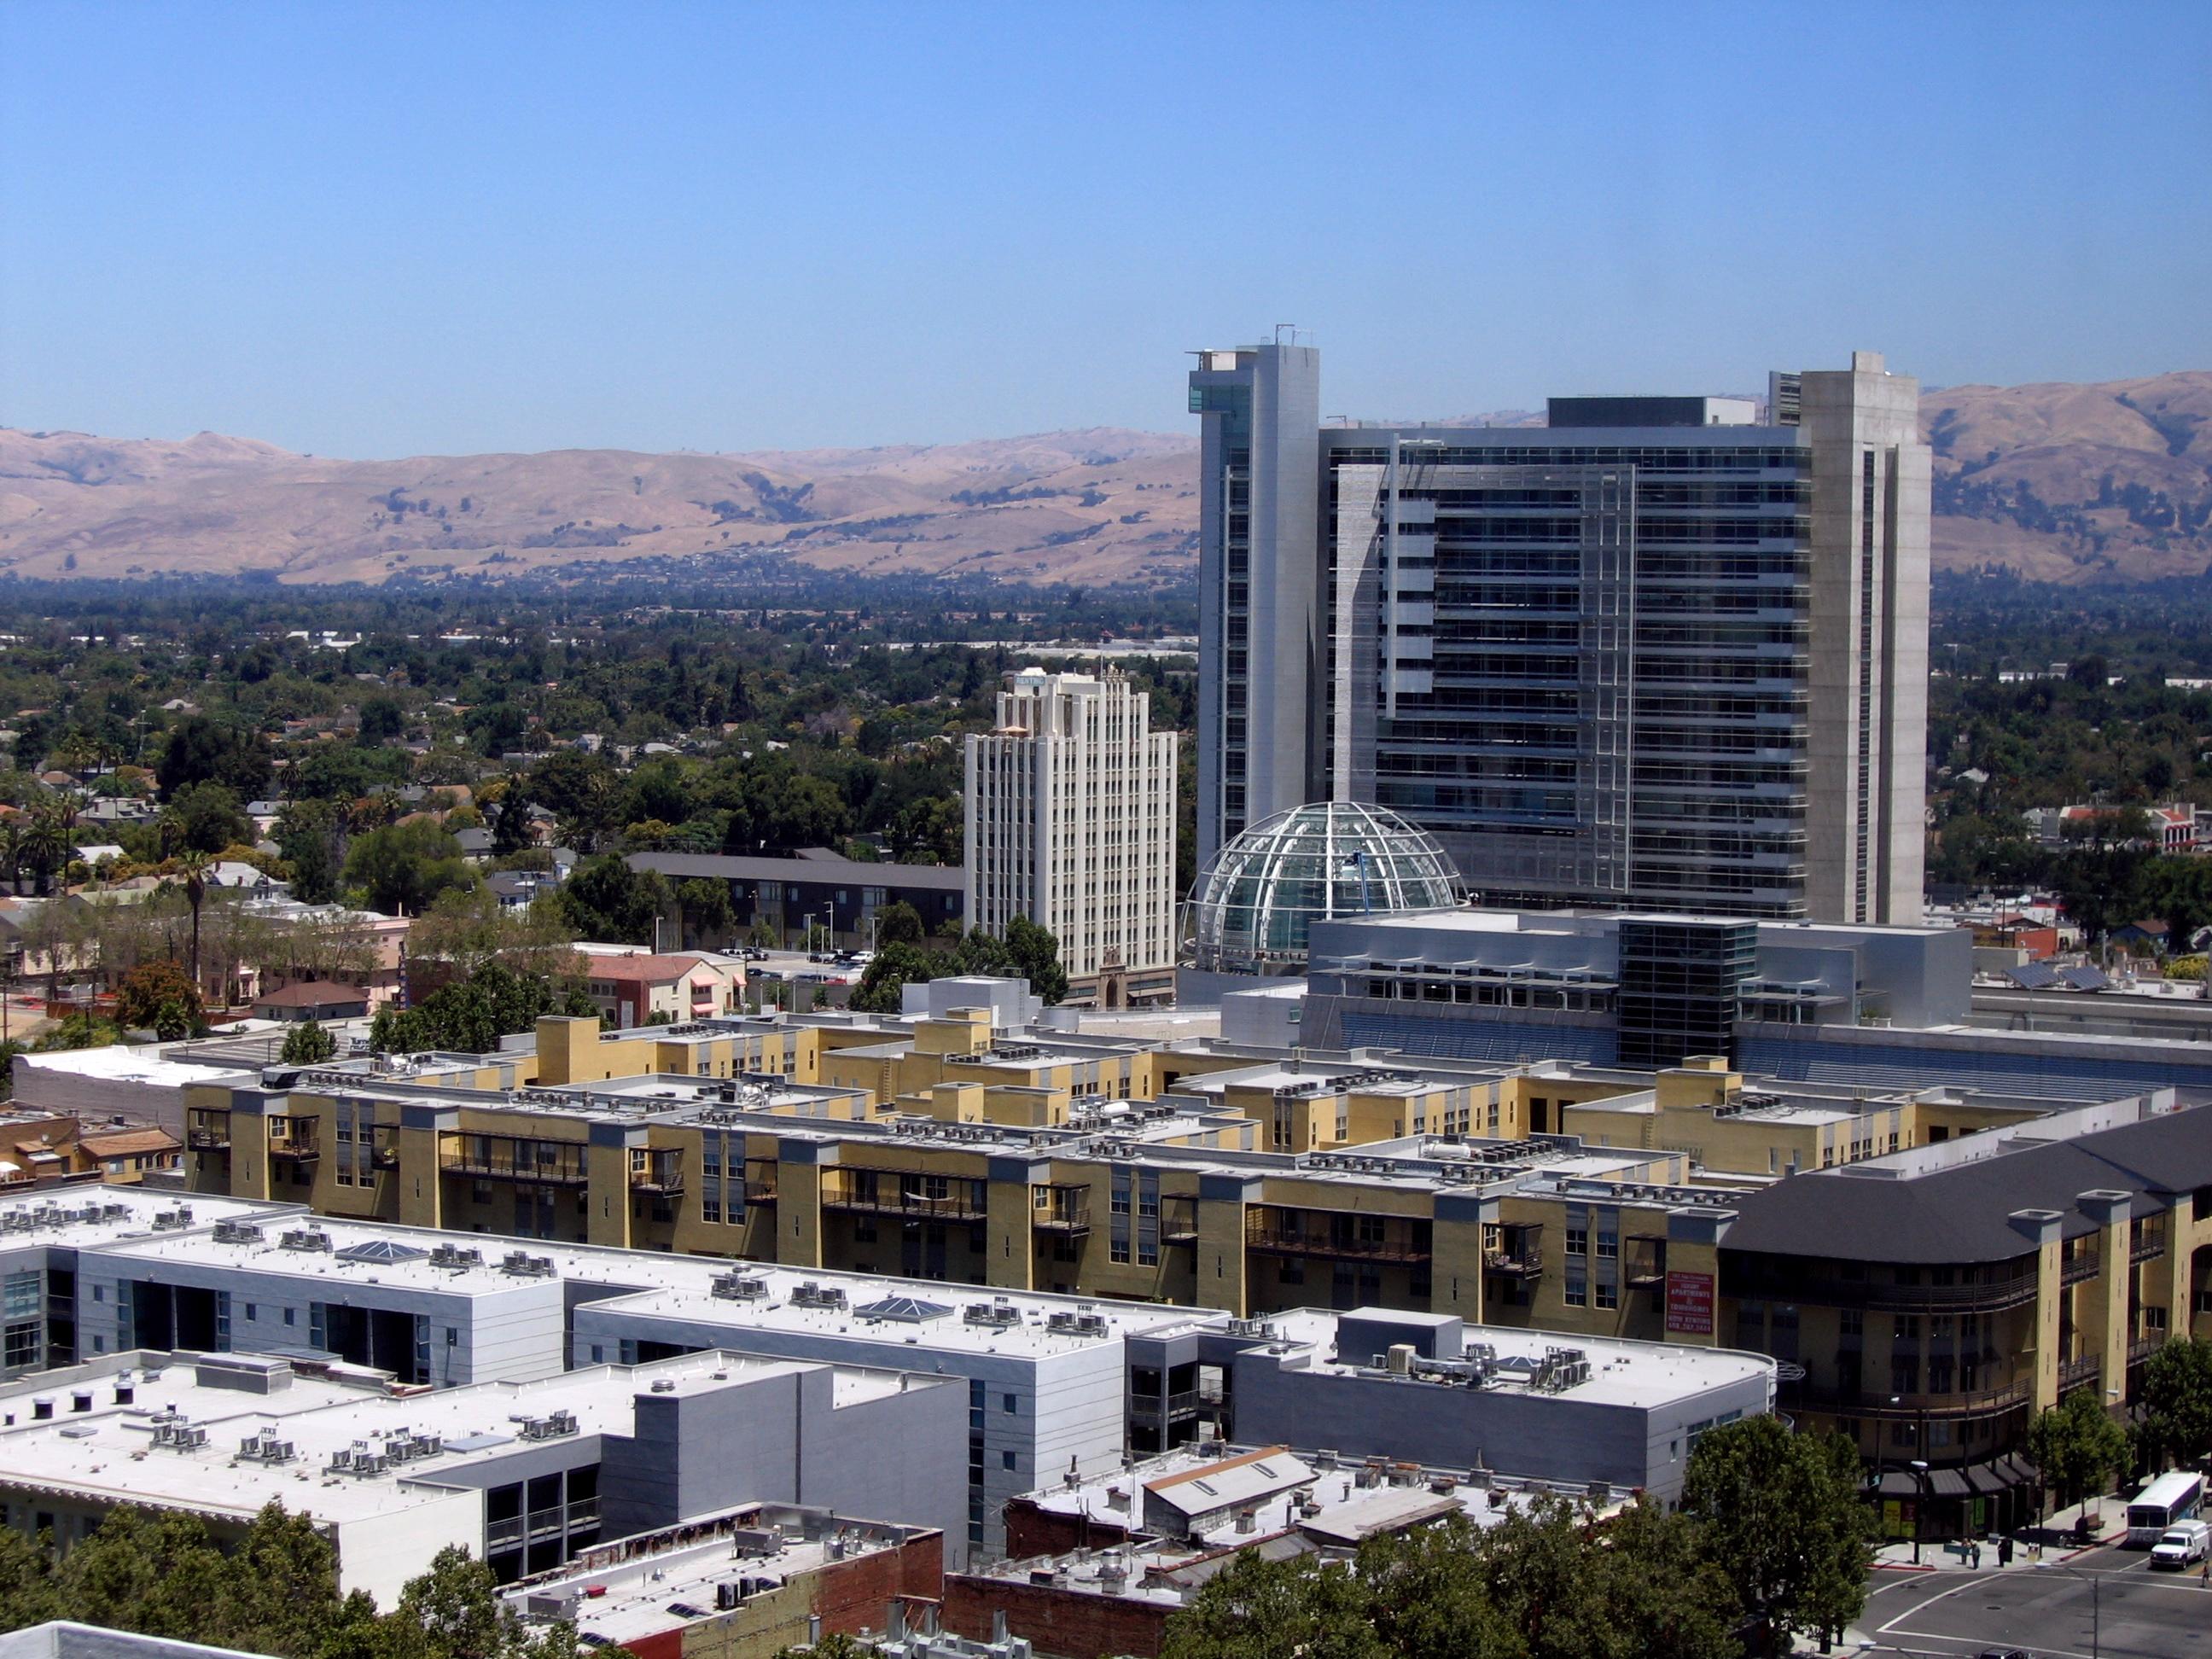 Downtown San Jose Parking Garage Sells For 36M